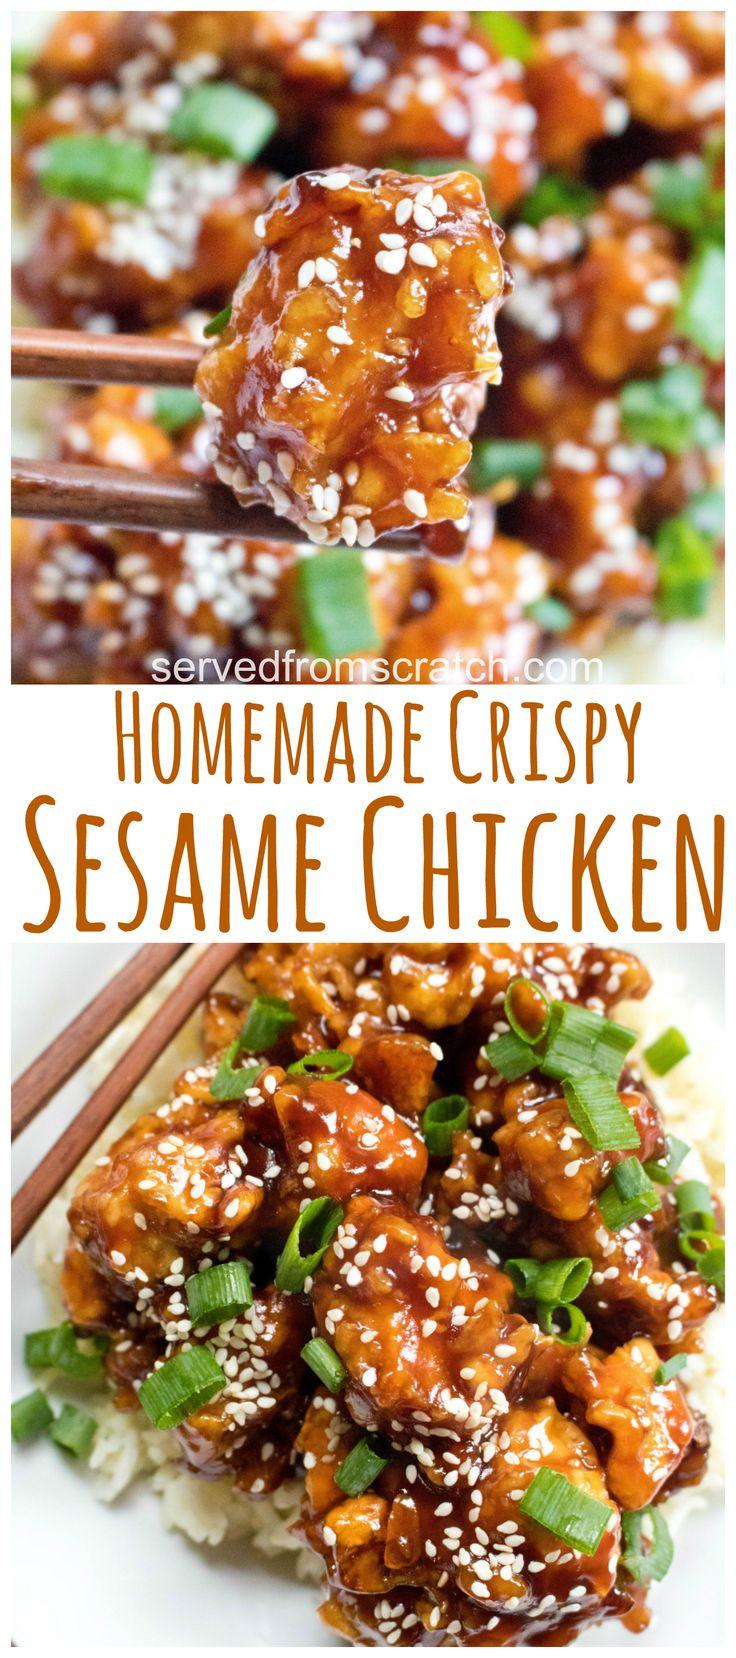 Homemade Crispy Sesame Chicken